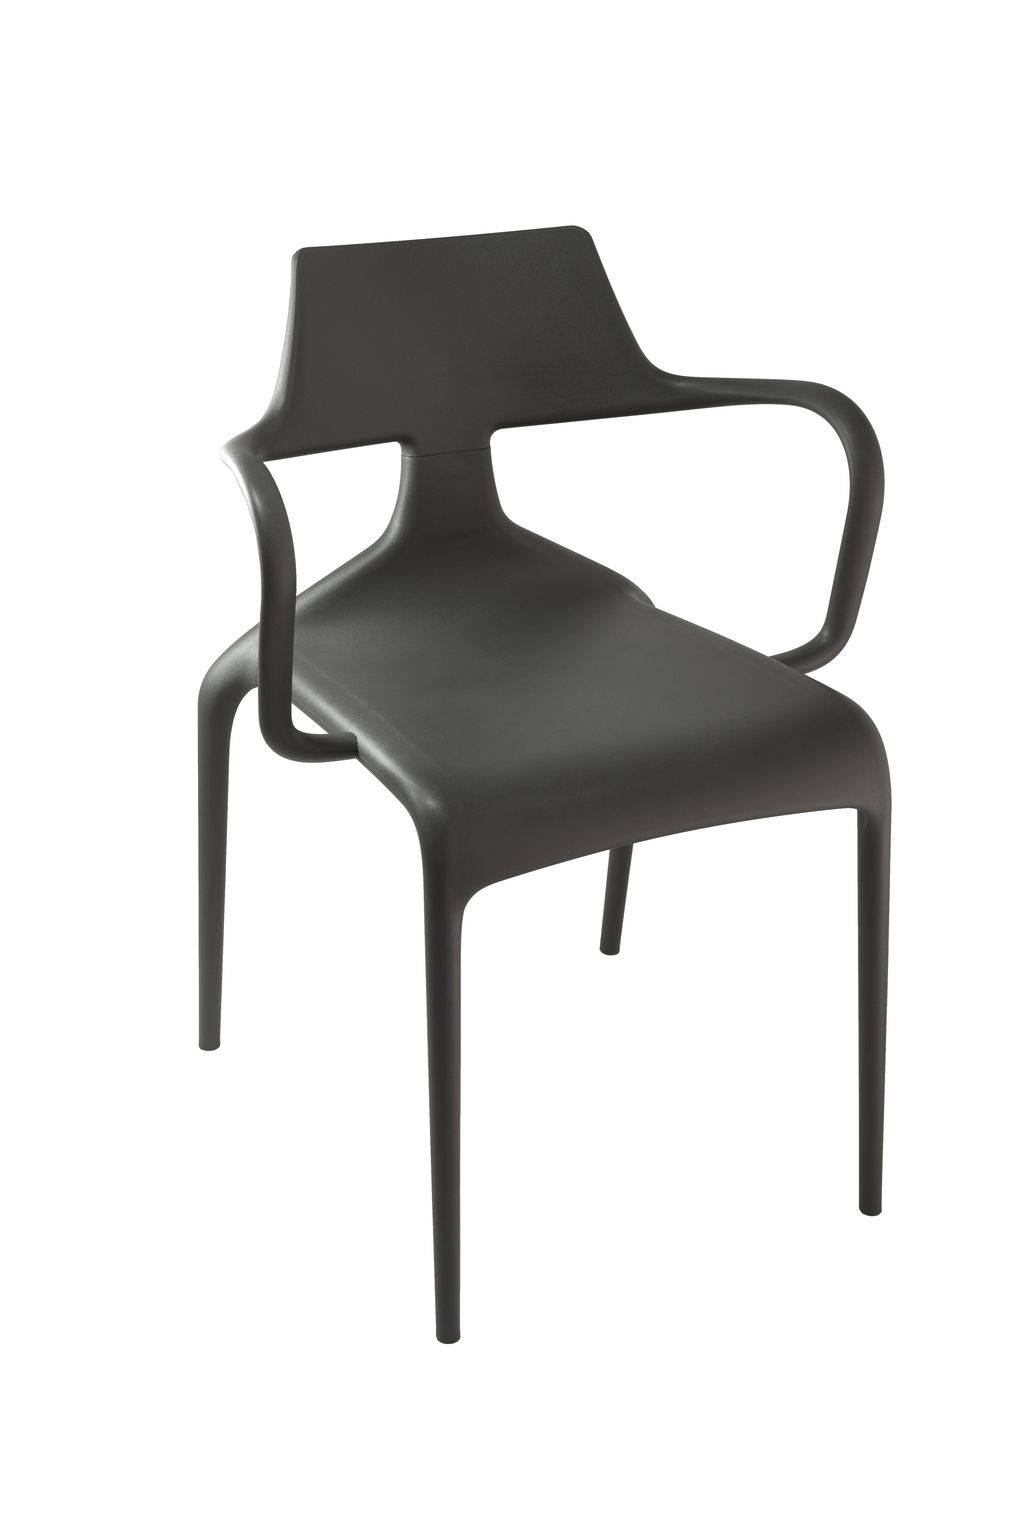 vente en boutique de chaises italiennes design lyon adc cuisine. Black Bedroom Furniture Sets. Home Design Ideas